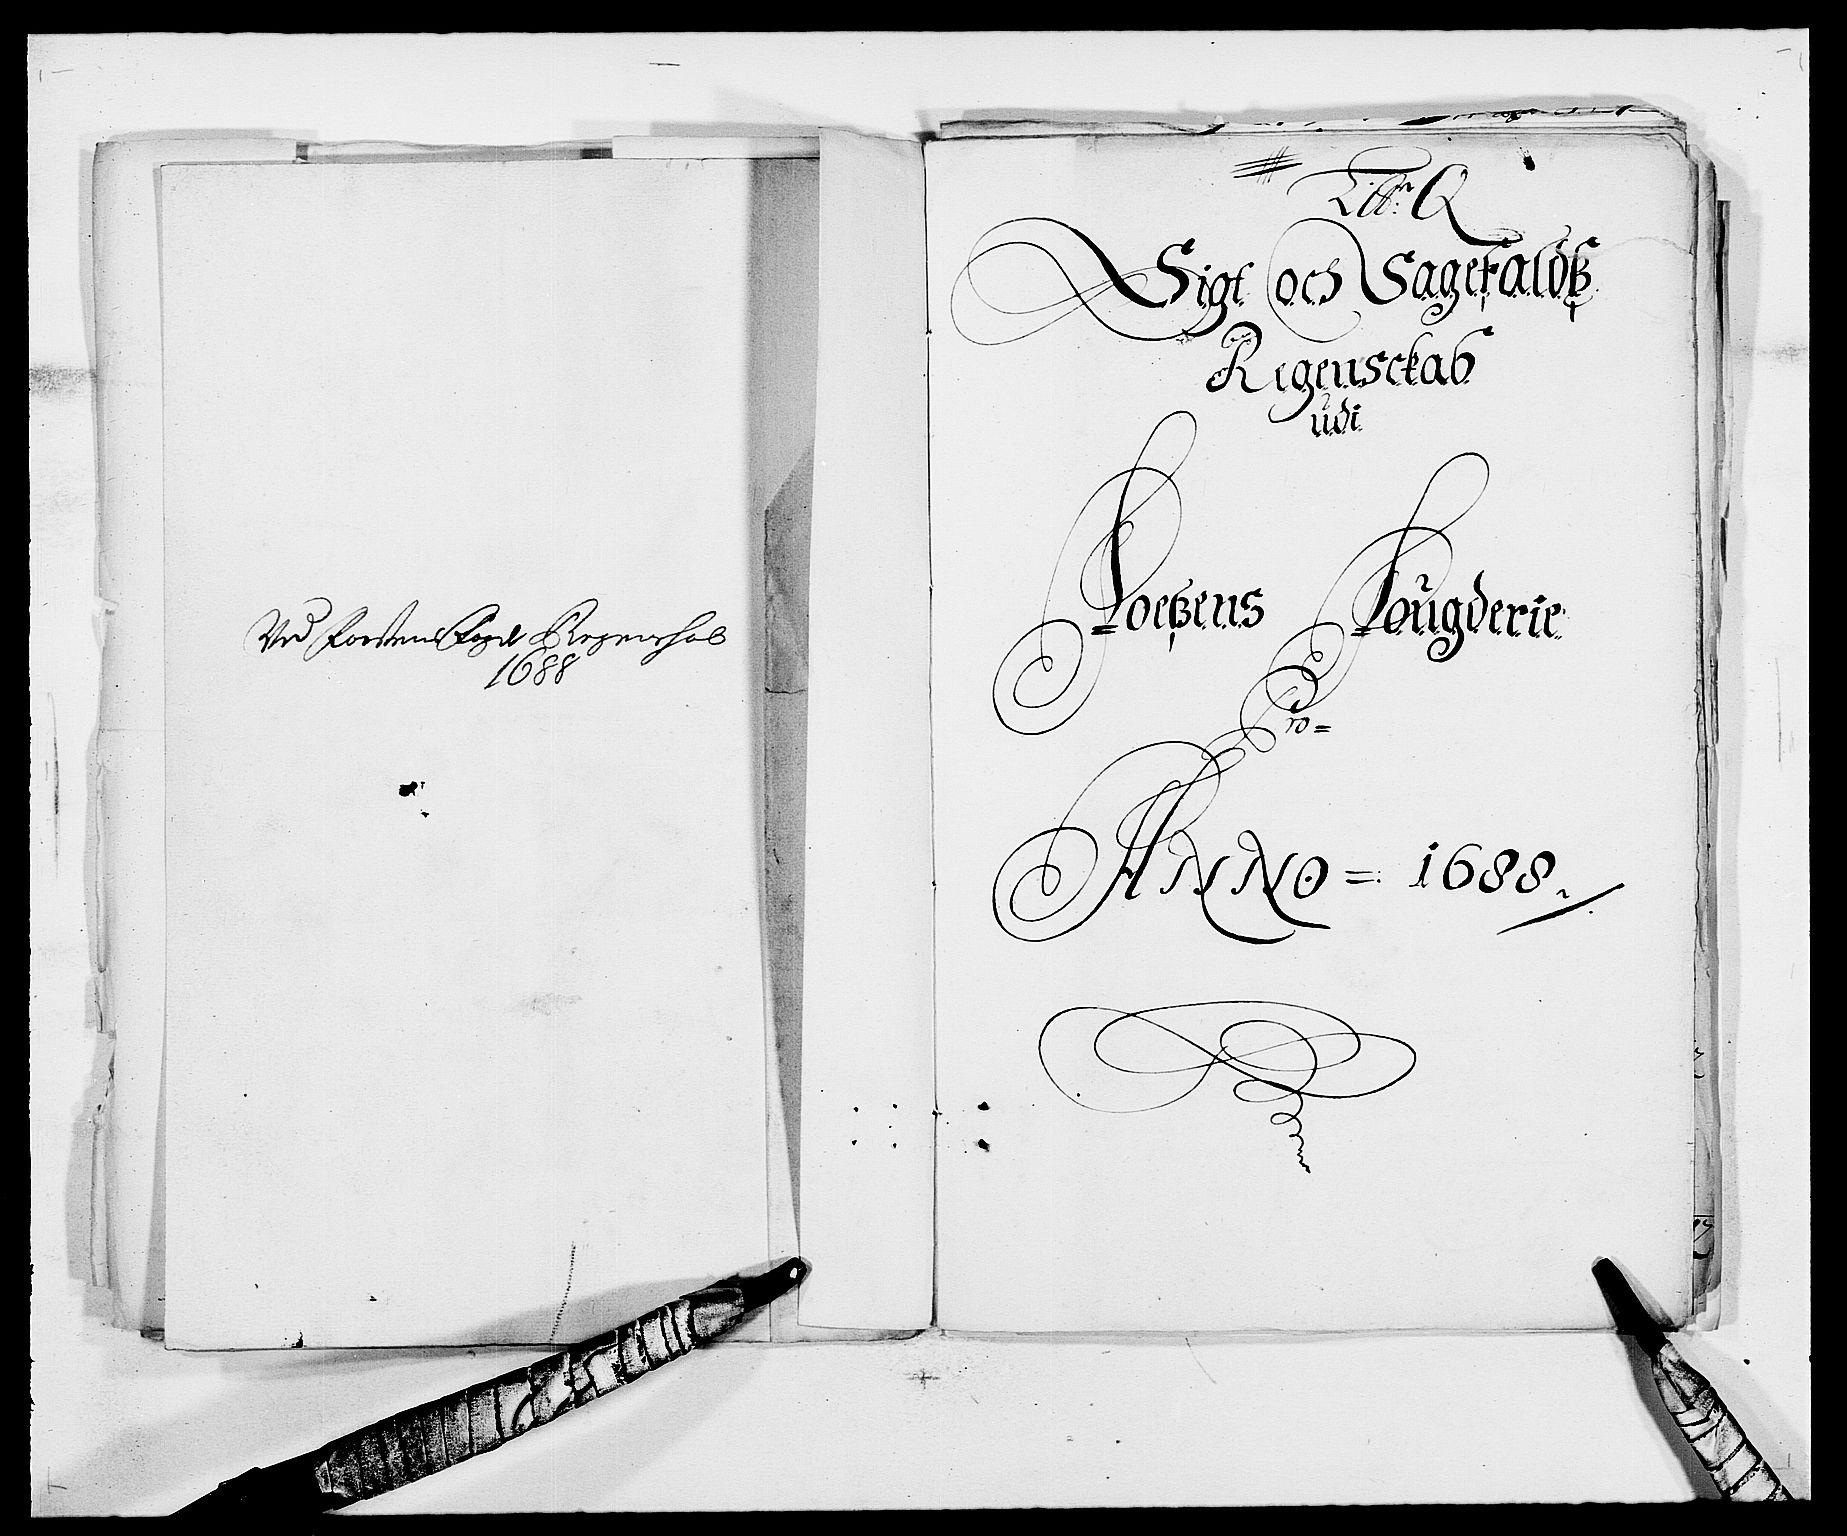 RA, Rentekammeret inntil 1814, Reviderte regnskaper, Fogderegnskap, R57/L3846: Fogderegnskap Fosen, 1688, s. 185